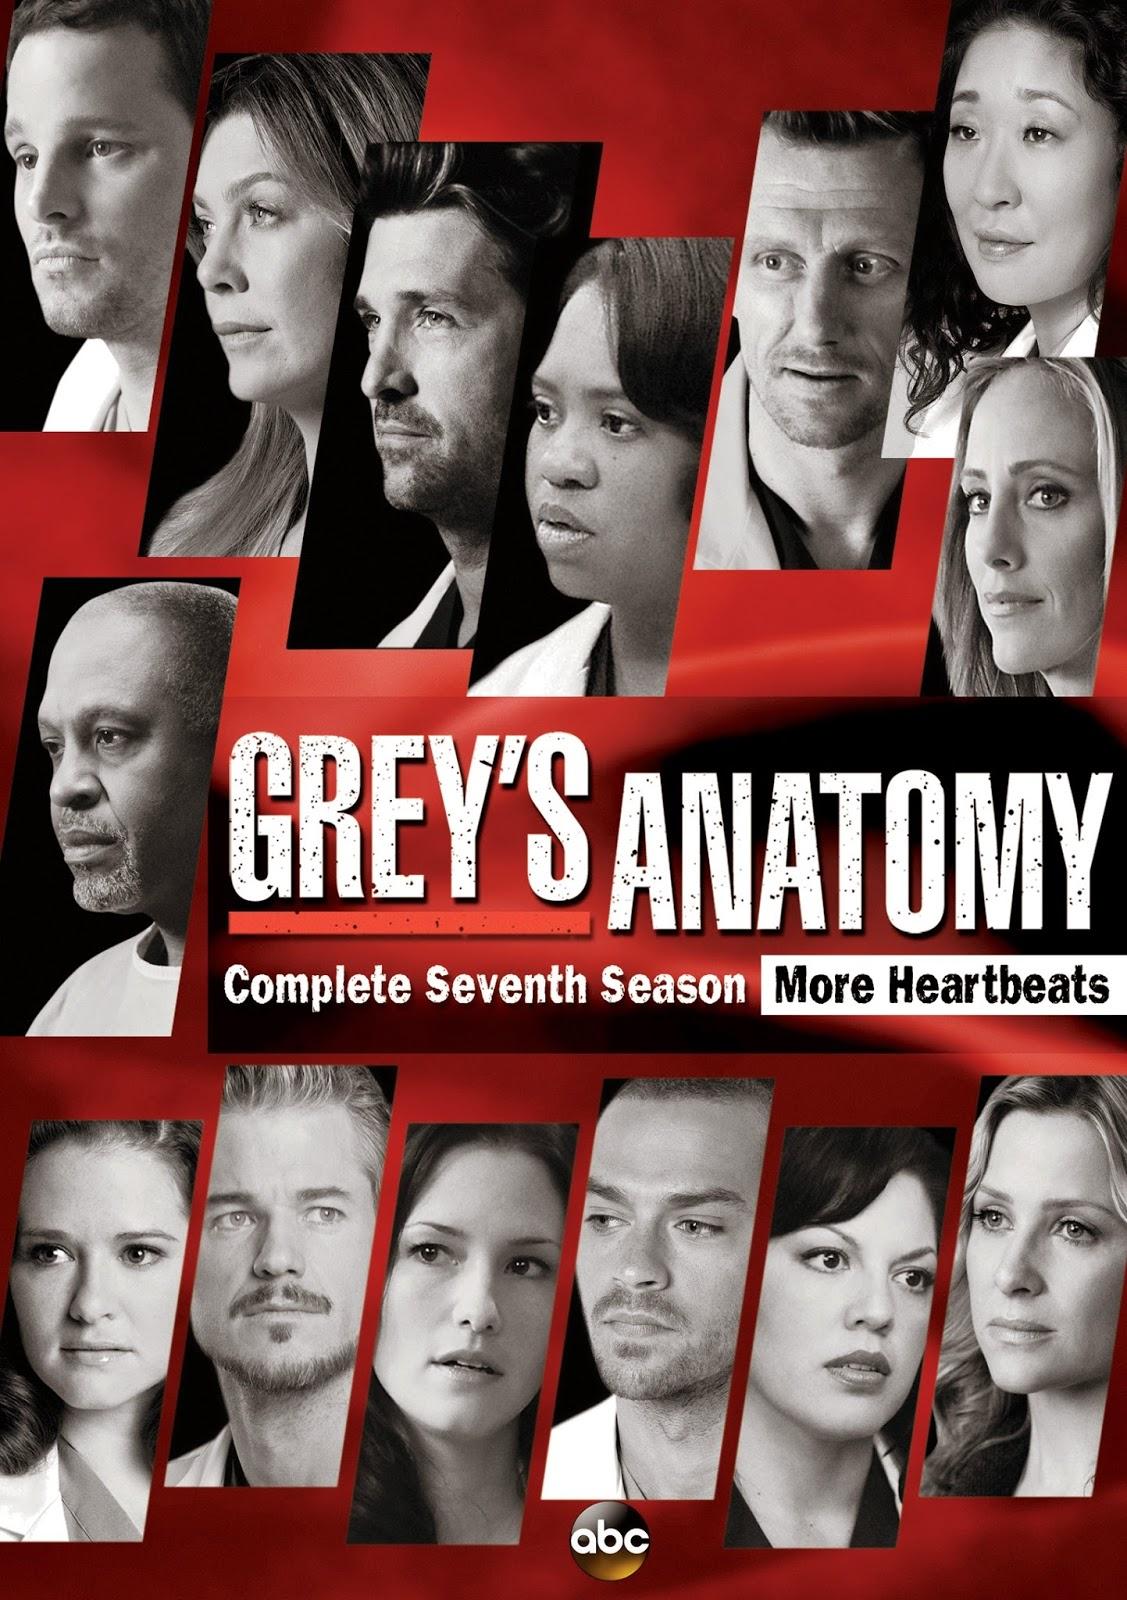 Pro 7 GreyS Anatomy